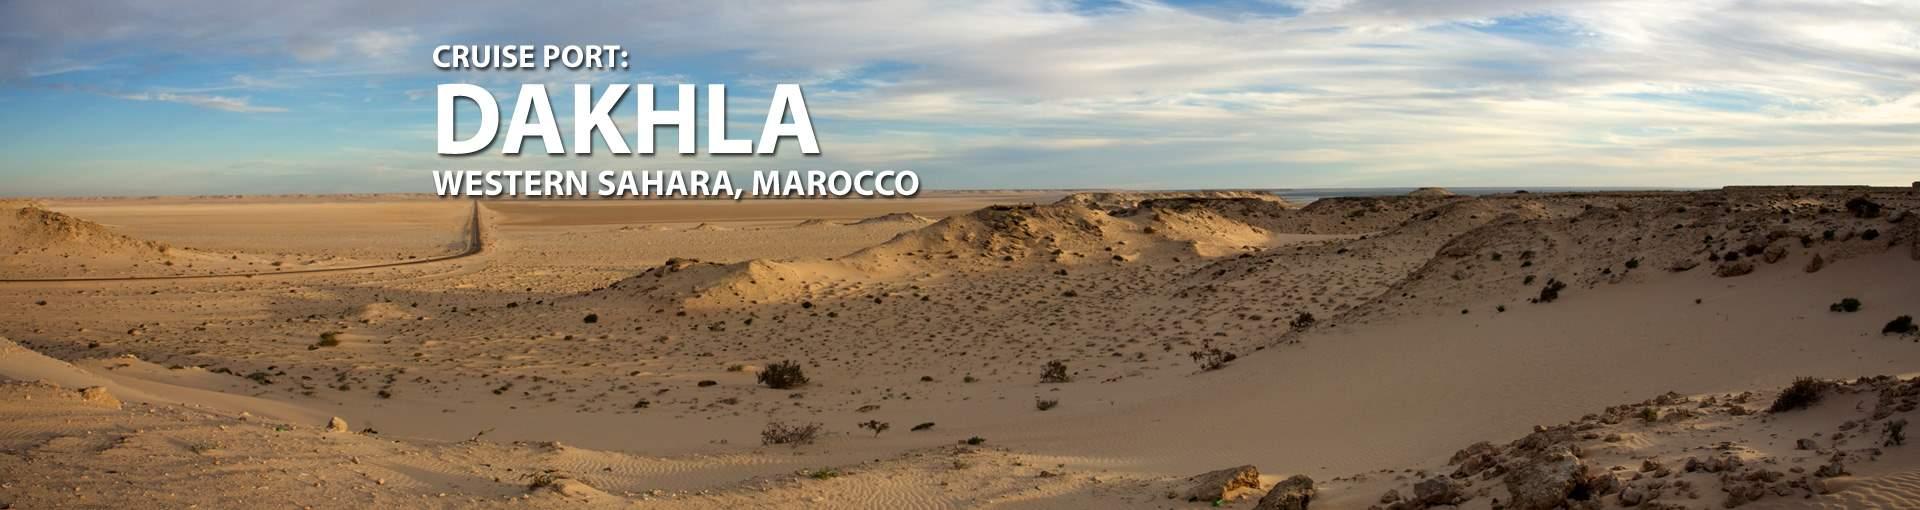 Cruises to Dakhla, Western Sahara